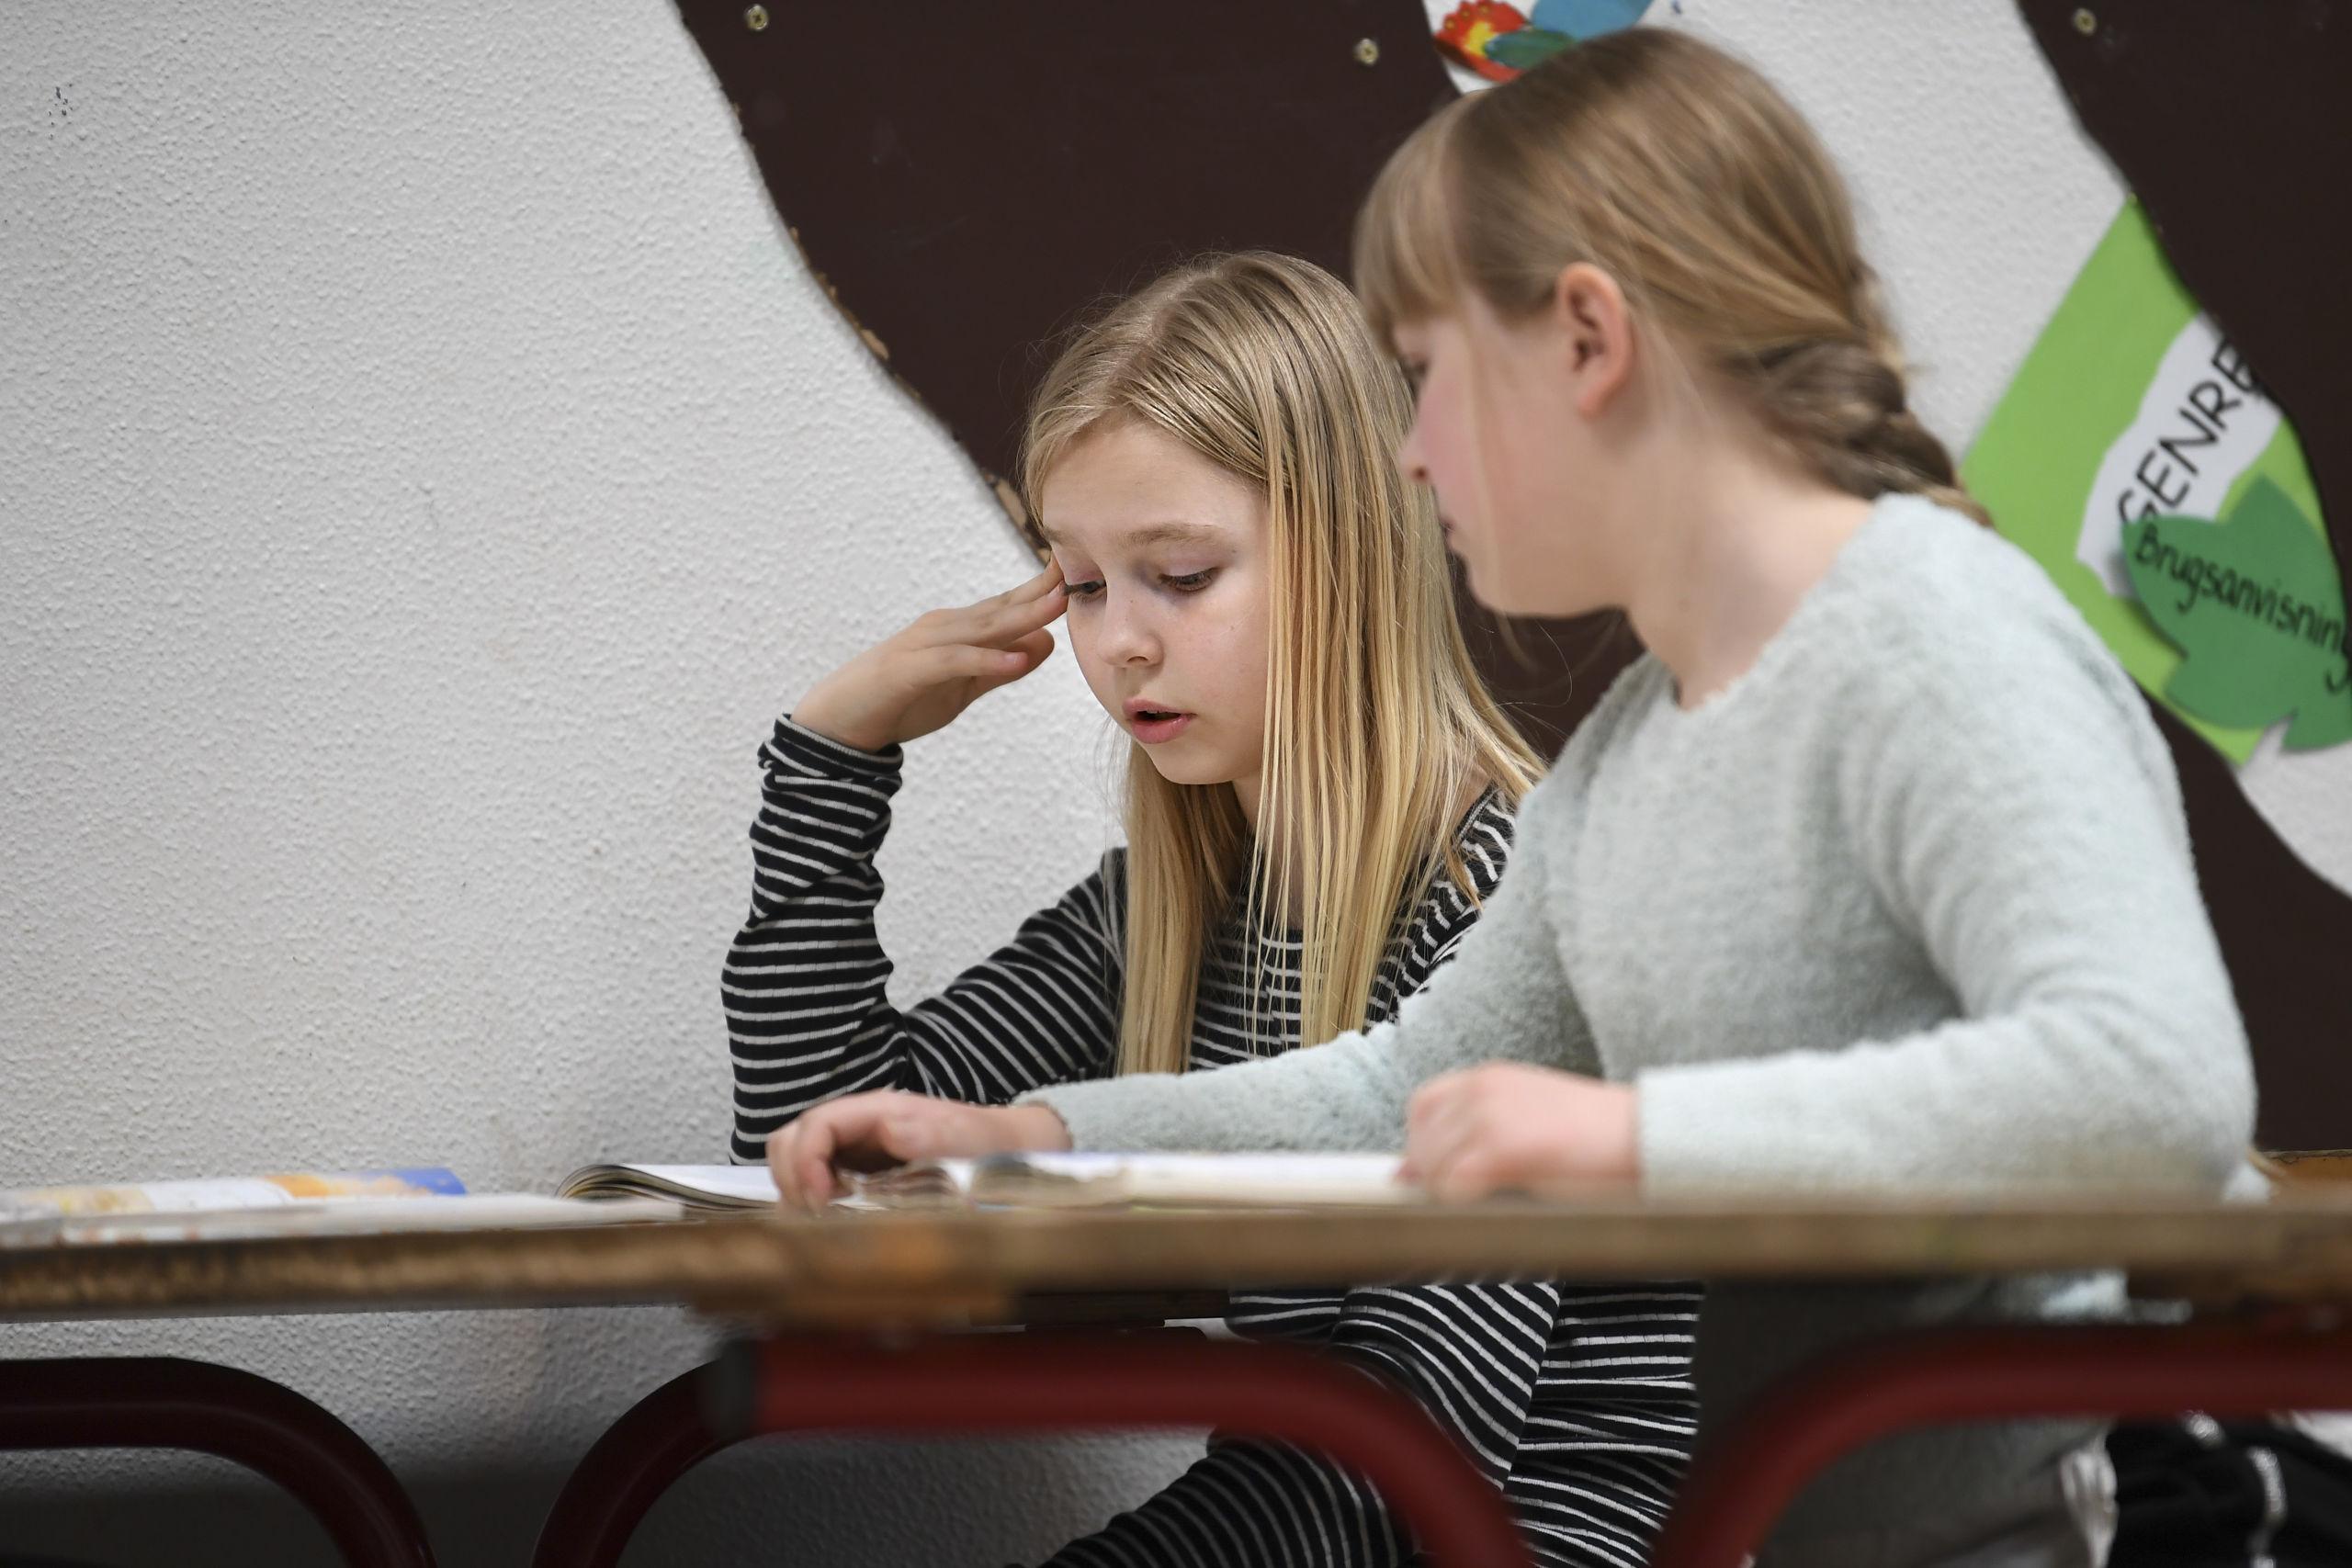 Afvist: Aalborg-elever slipper ikke for kritiseret test